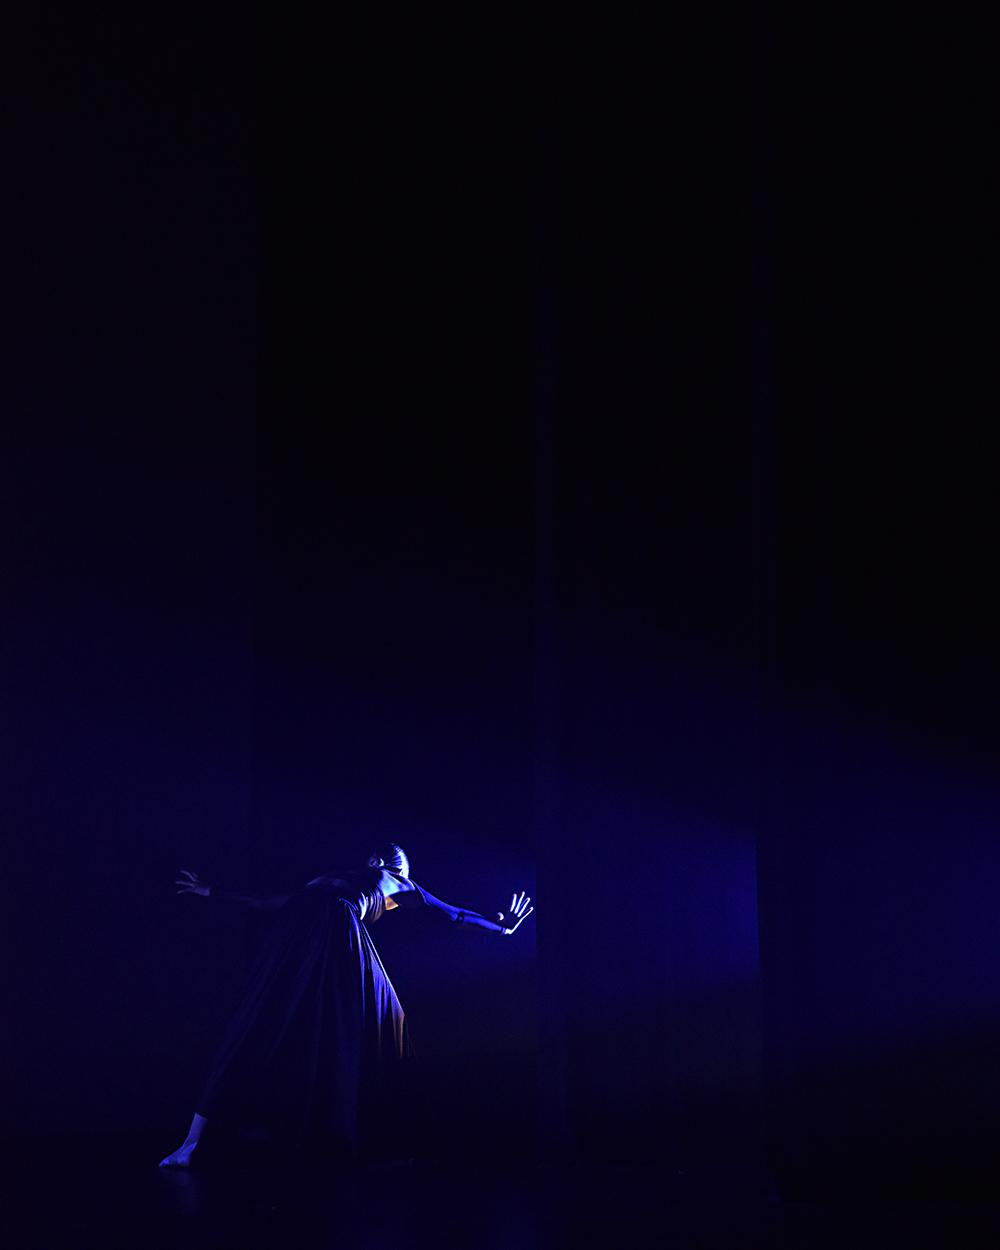 Krista Rose Frohling - Breathe